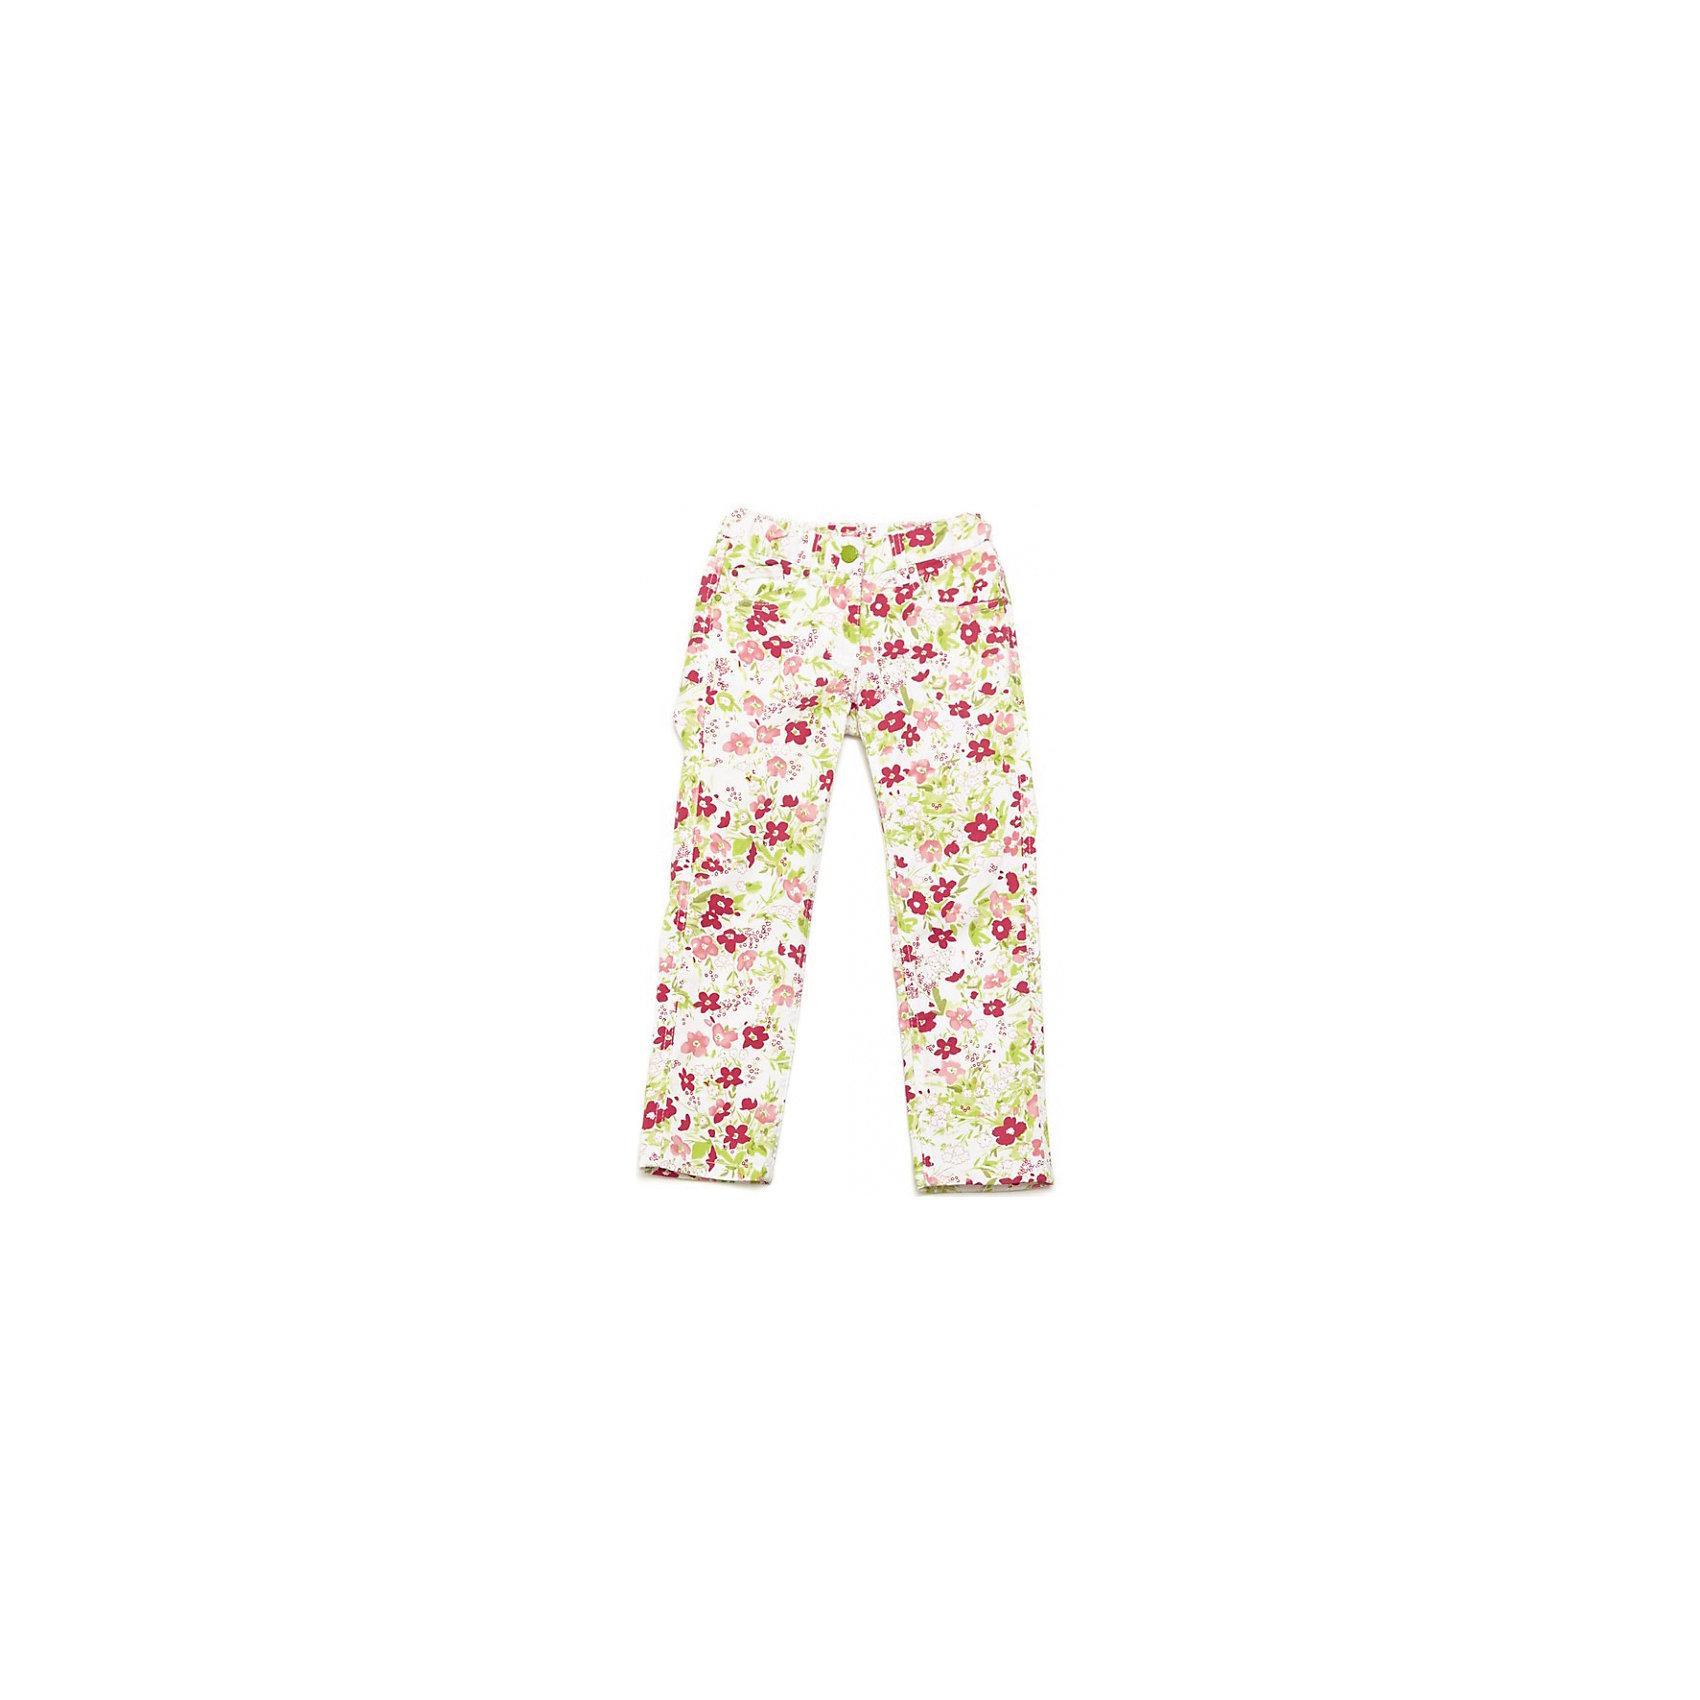 Брюки для девочки PlayTodayМягкие хлопковые брюки. Украшены нежными цветочками. Застегиваются на молнию и пуговку, есть 4 кармашка и петельки для ремня. Состав: 98% хлопок, 2% эластан<br><br>Ширина мм: 215<br>Глубина мм: 88<br>Высота мм: 191<br>Вес г: 336<br>Цвет: белый<br>Возраст от месяцев: 48<br>Возраст до месяцев: 60<br>Пол: Женский<br>Возраст: Детский<br>Размер: 110,104,122,128,98,116<br>SKU: 4652353